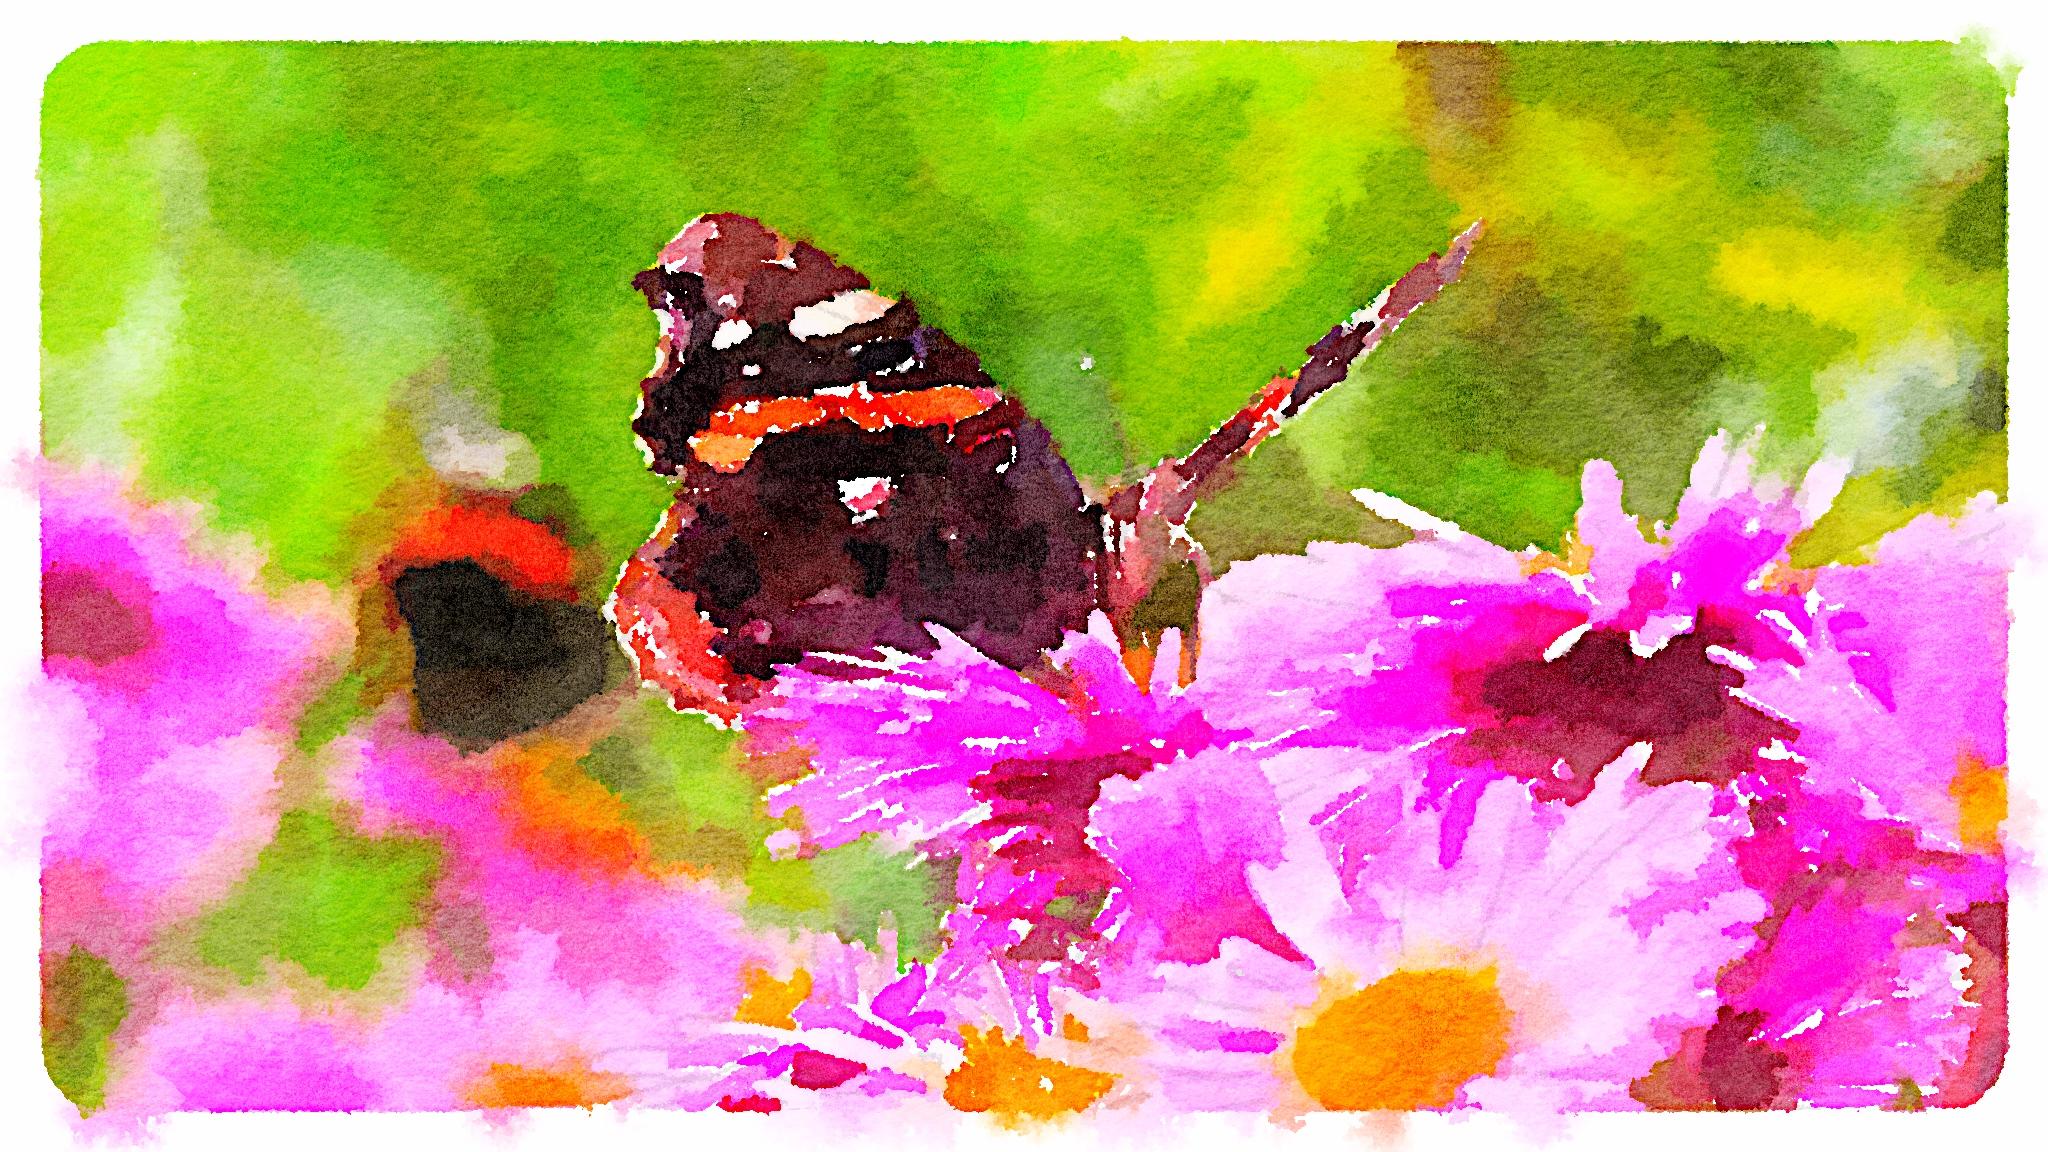 Kilmokea butterfly